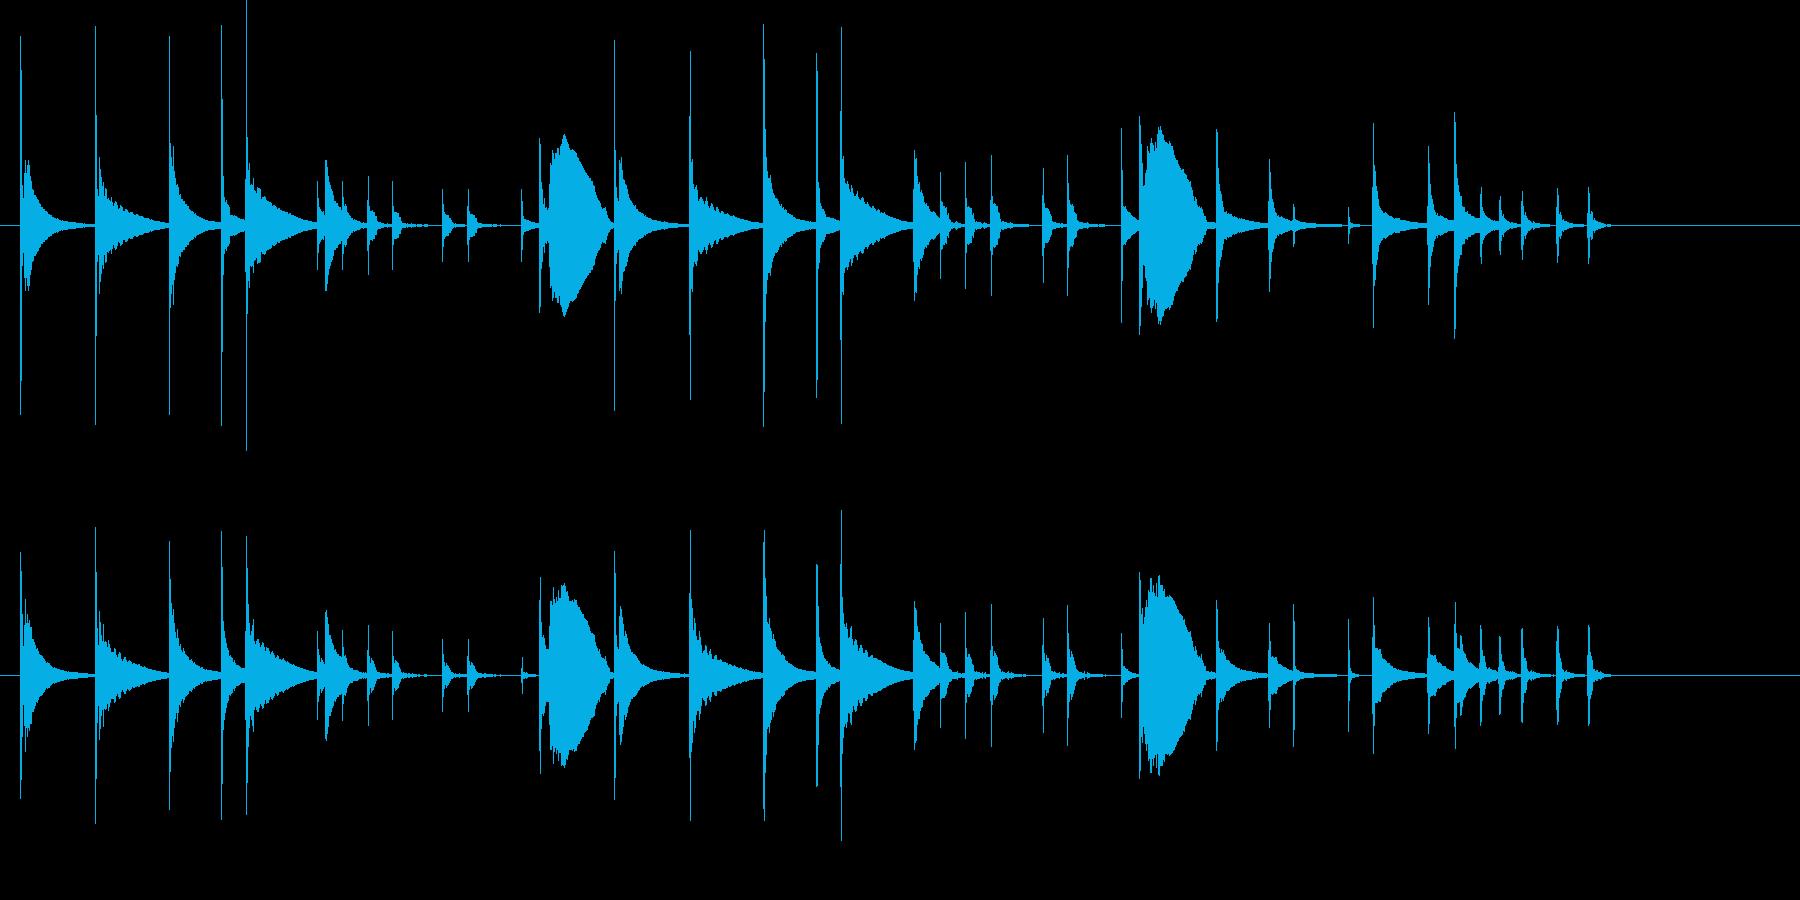 おとぼけ かわいい コミカル ジングルの再生済みの波形